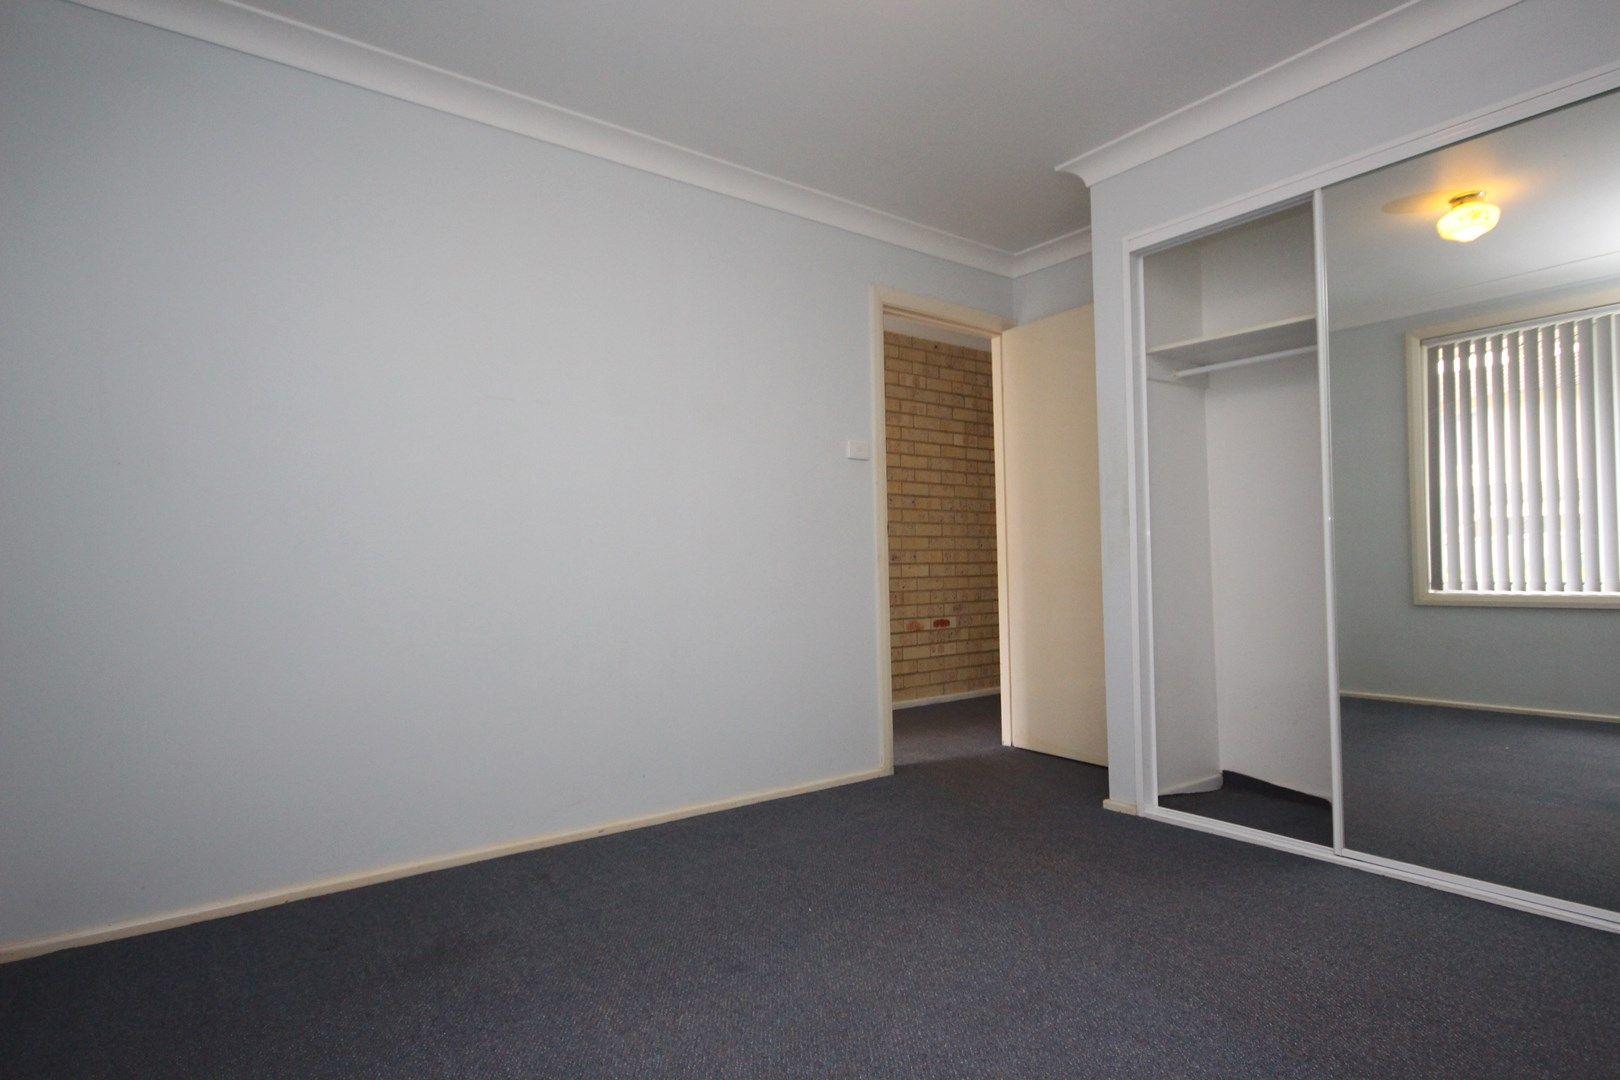 1/10 Morpeth Road, Waratah West NSW 2298, Image 0